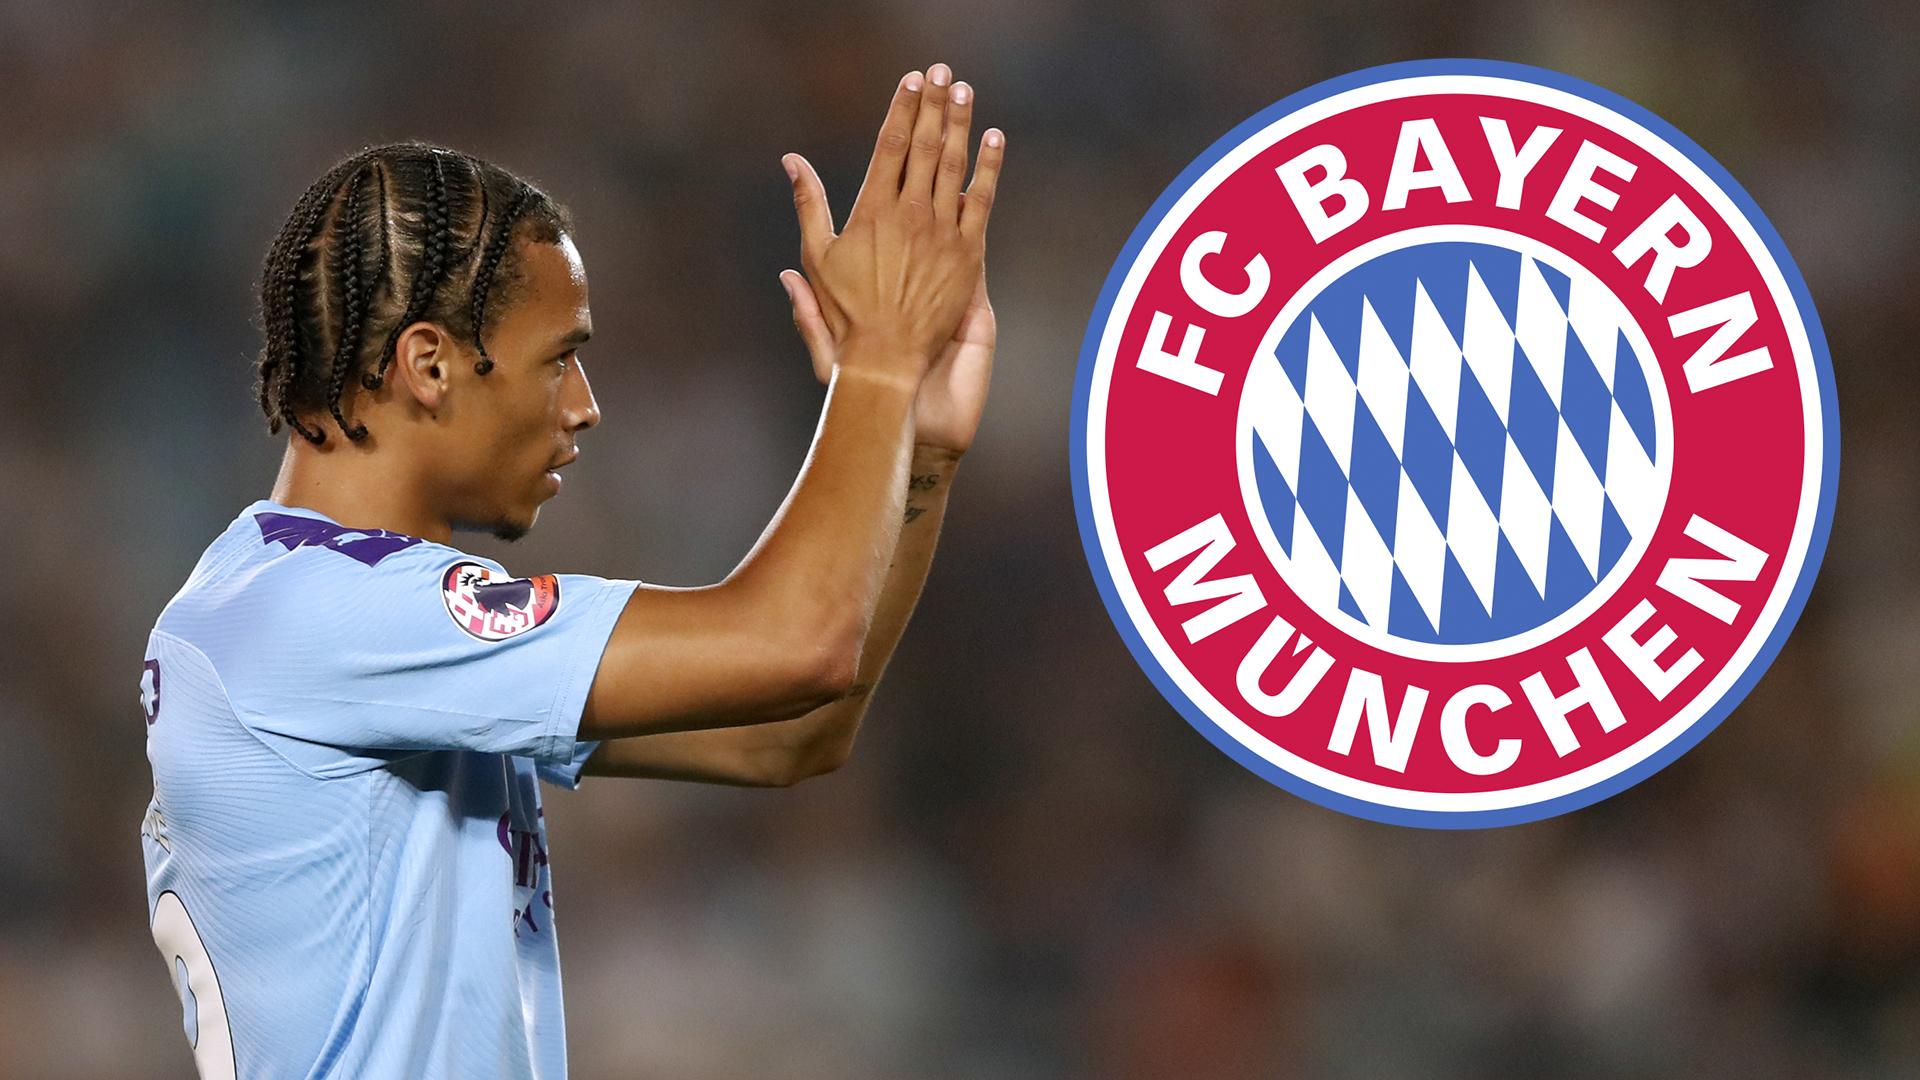 45 triệu euro là số tiền Bayern Munich trả cho Man City để chiêu mộ cầu thủ Leroy Sane